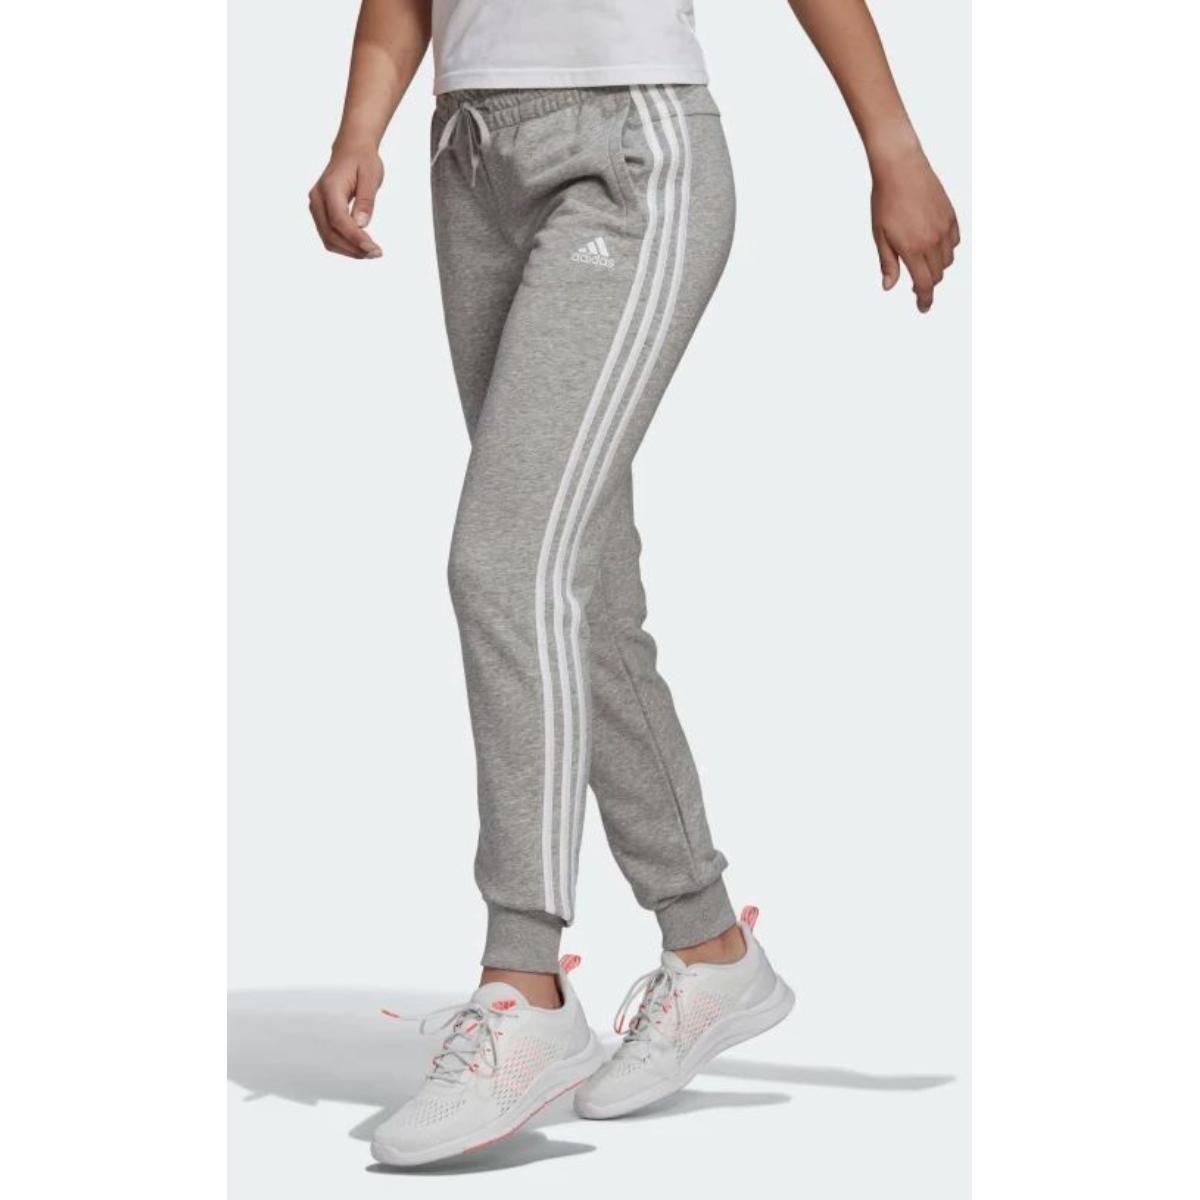 Calça Feminina Adidas Gm8735 Essentials Slim 3 Listras Cinza